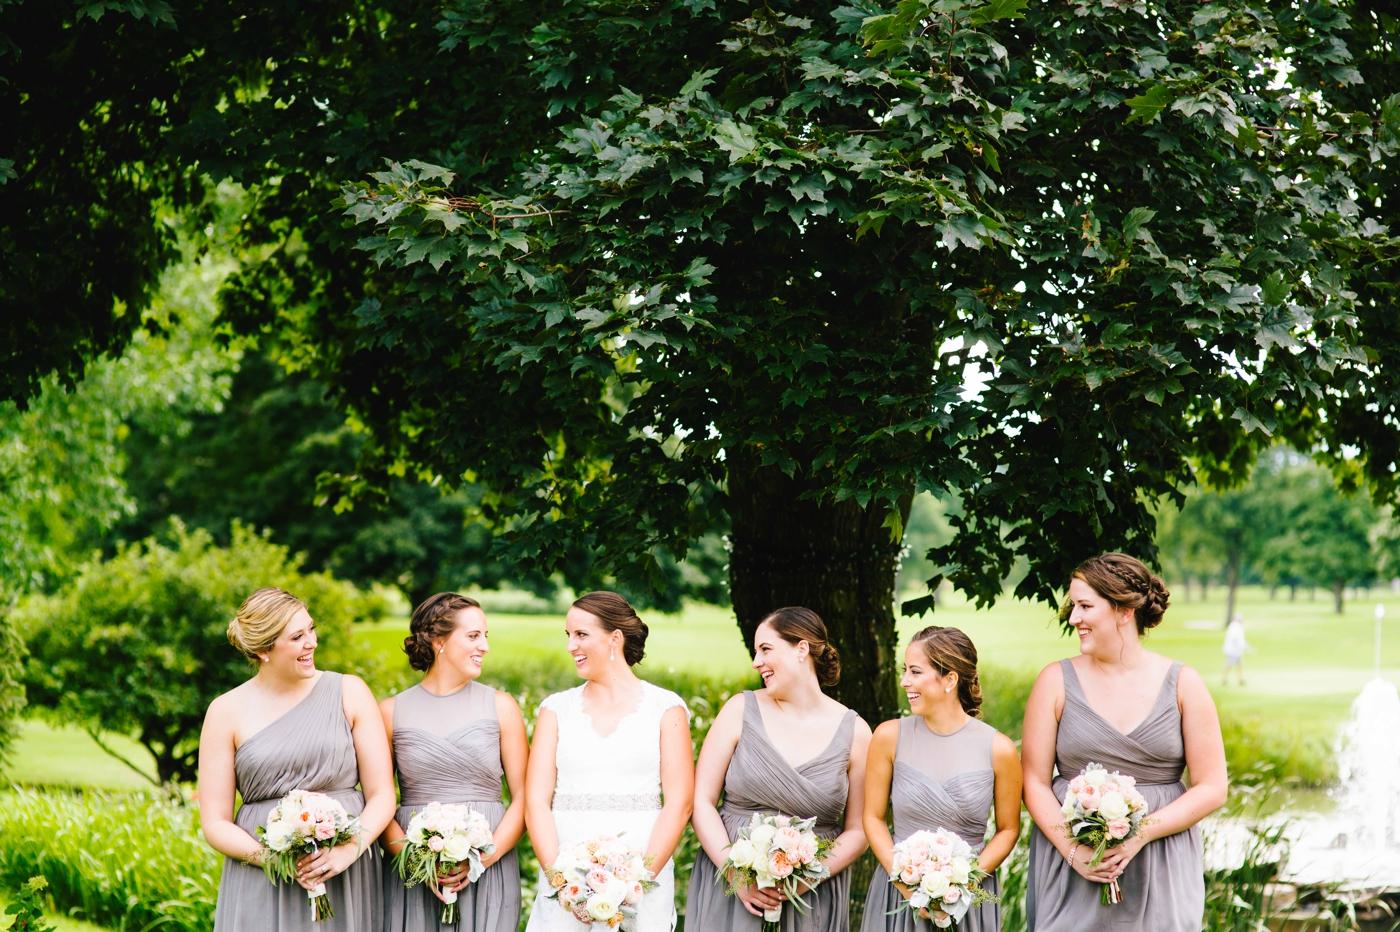 chicago-fine-art-wedding-photography-neuendank11